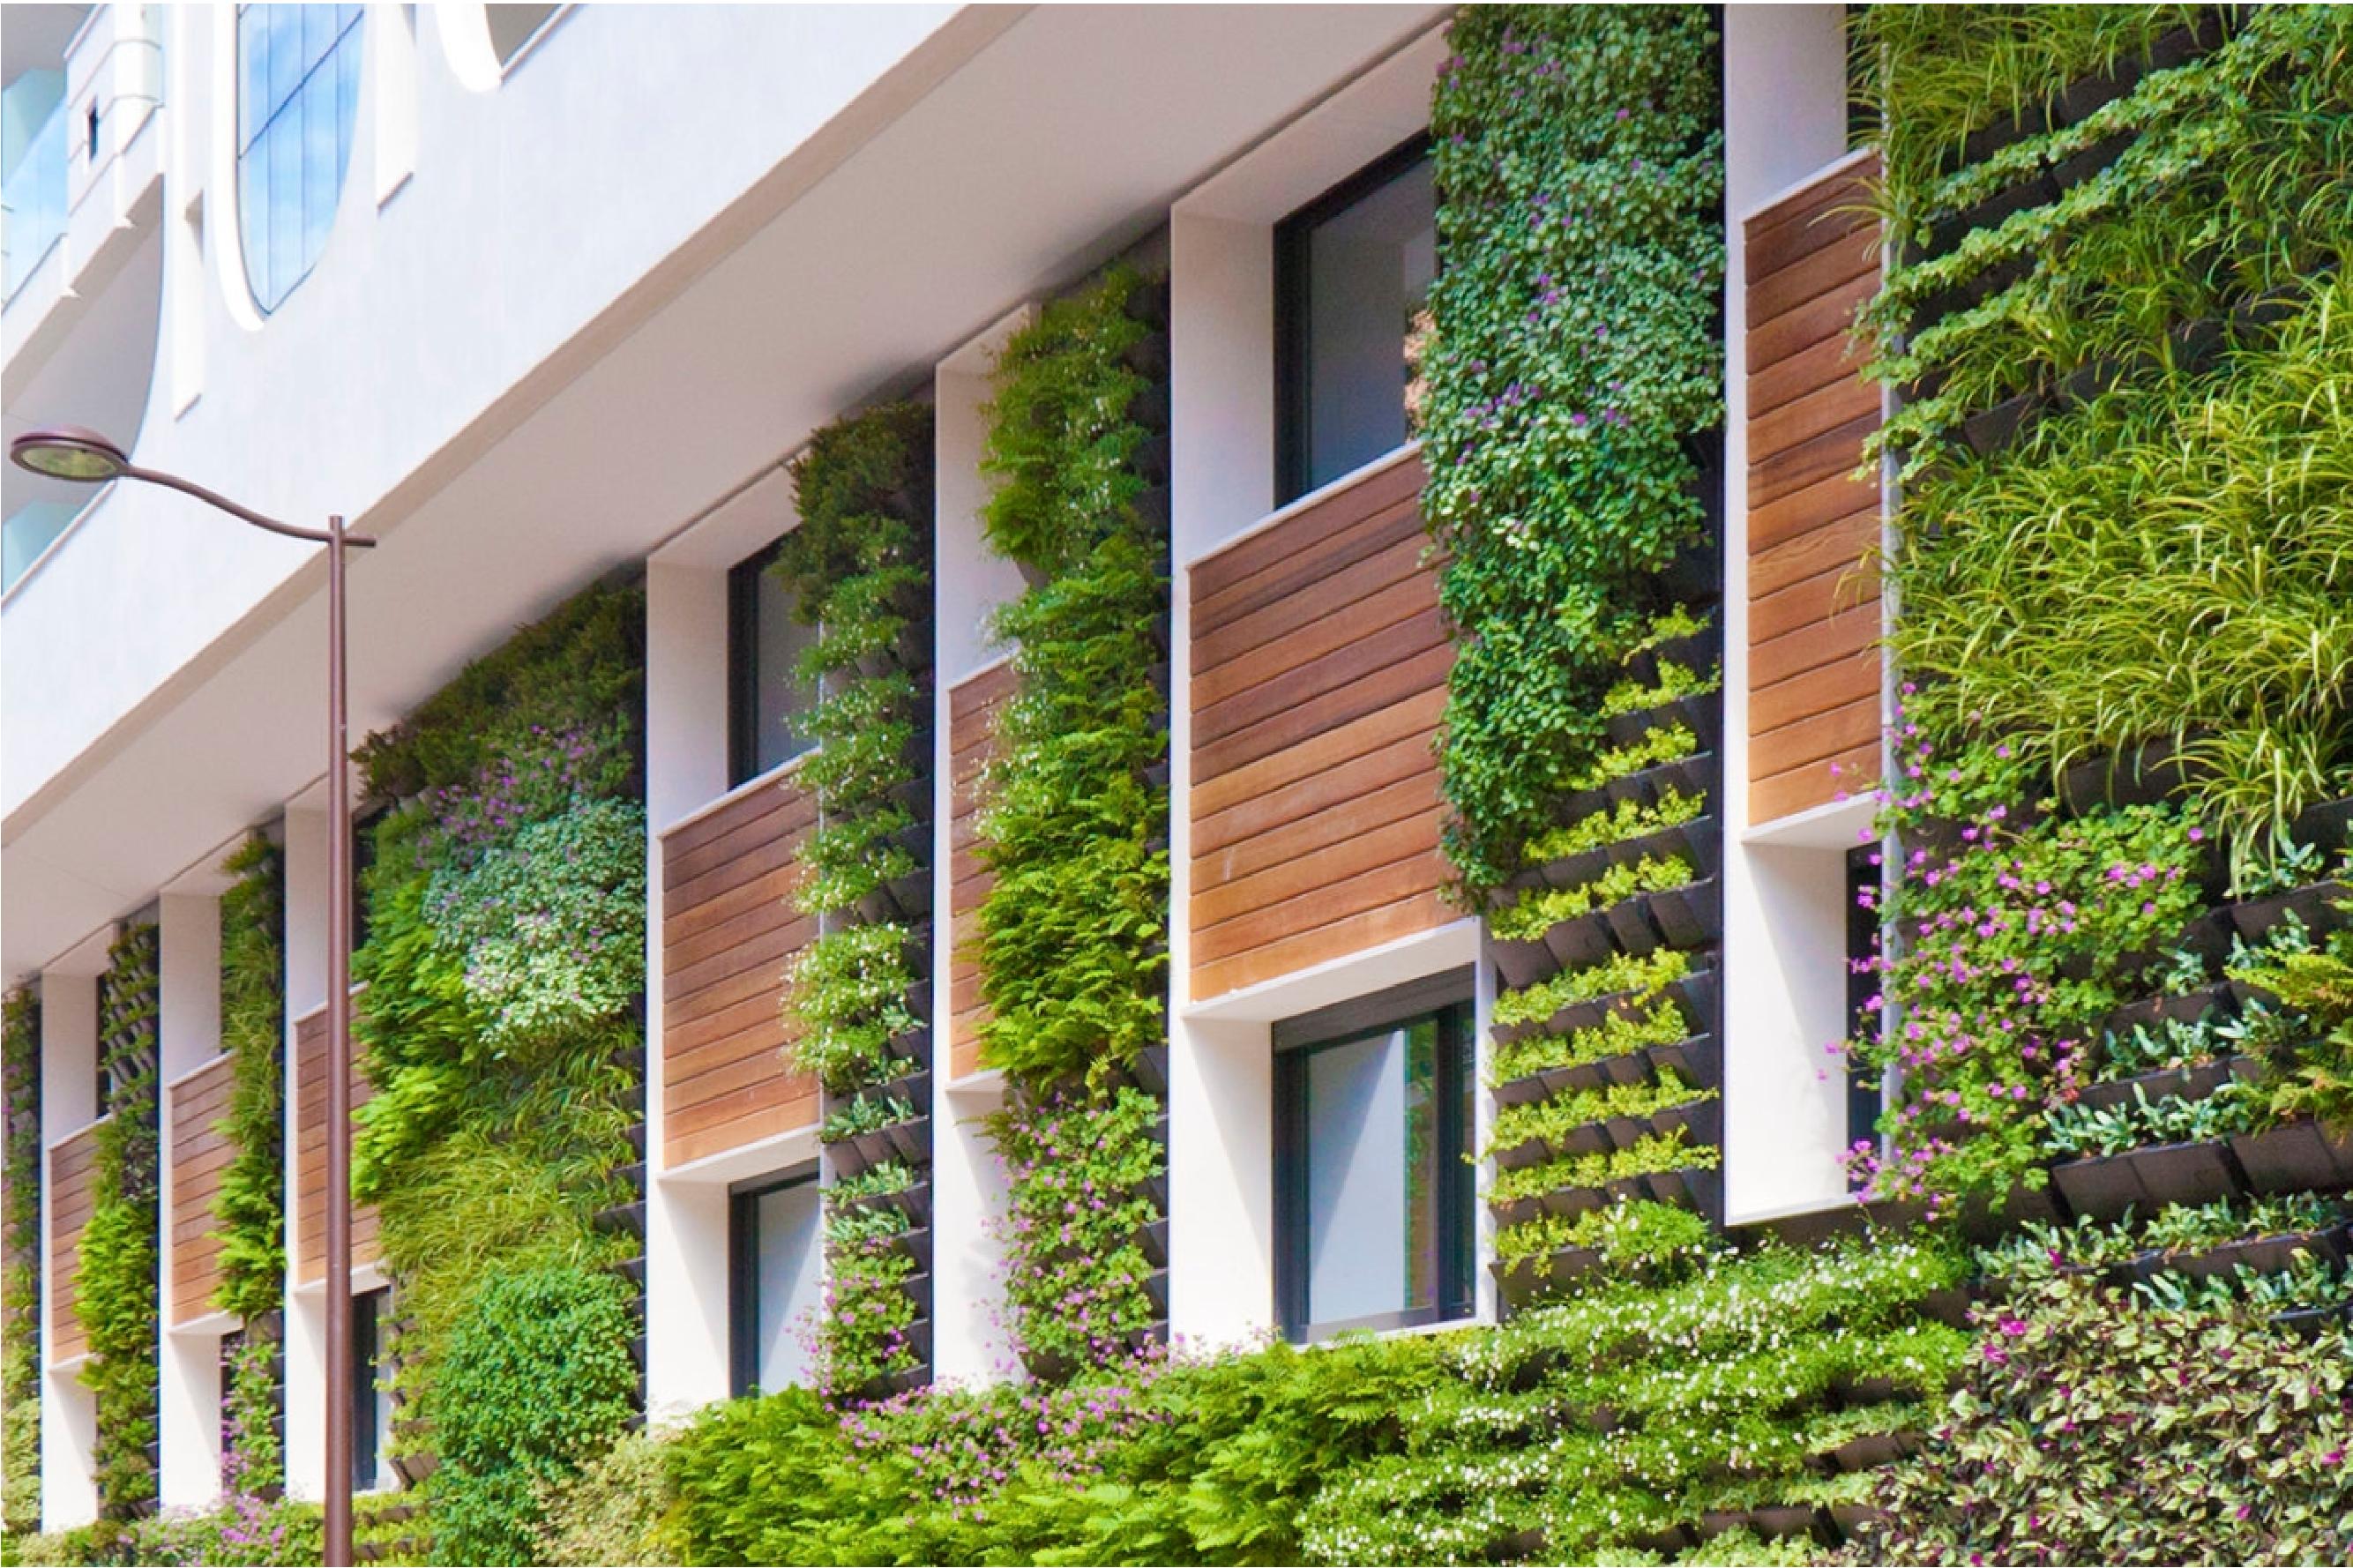 Vertical Gardens And Green Facades Blarrow